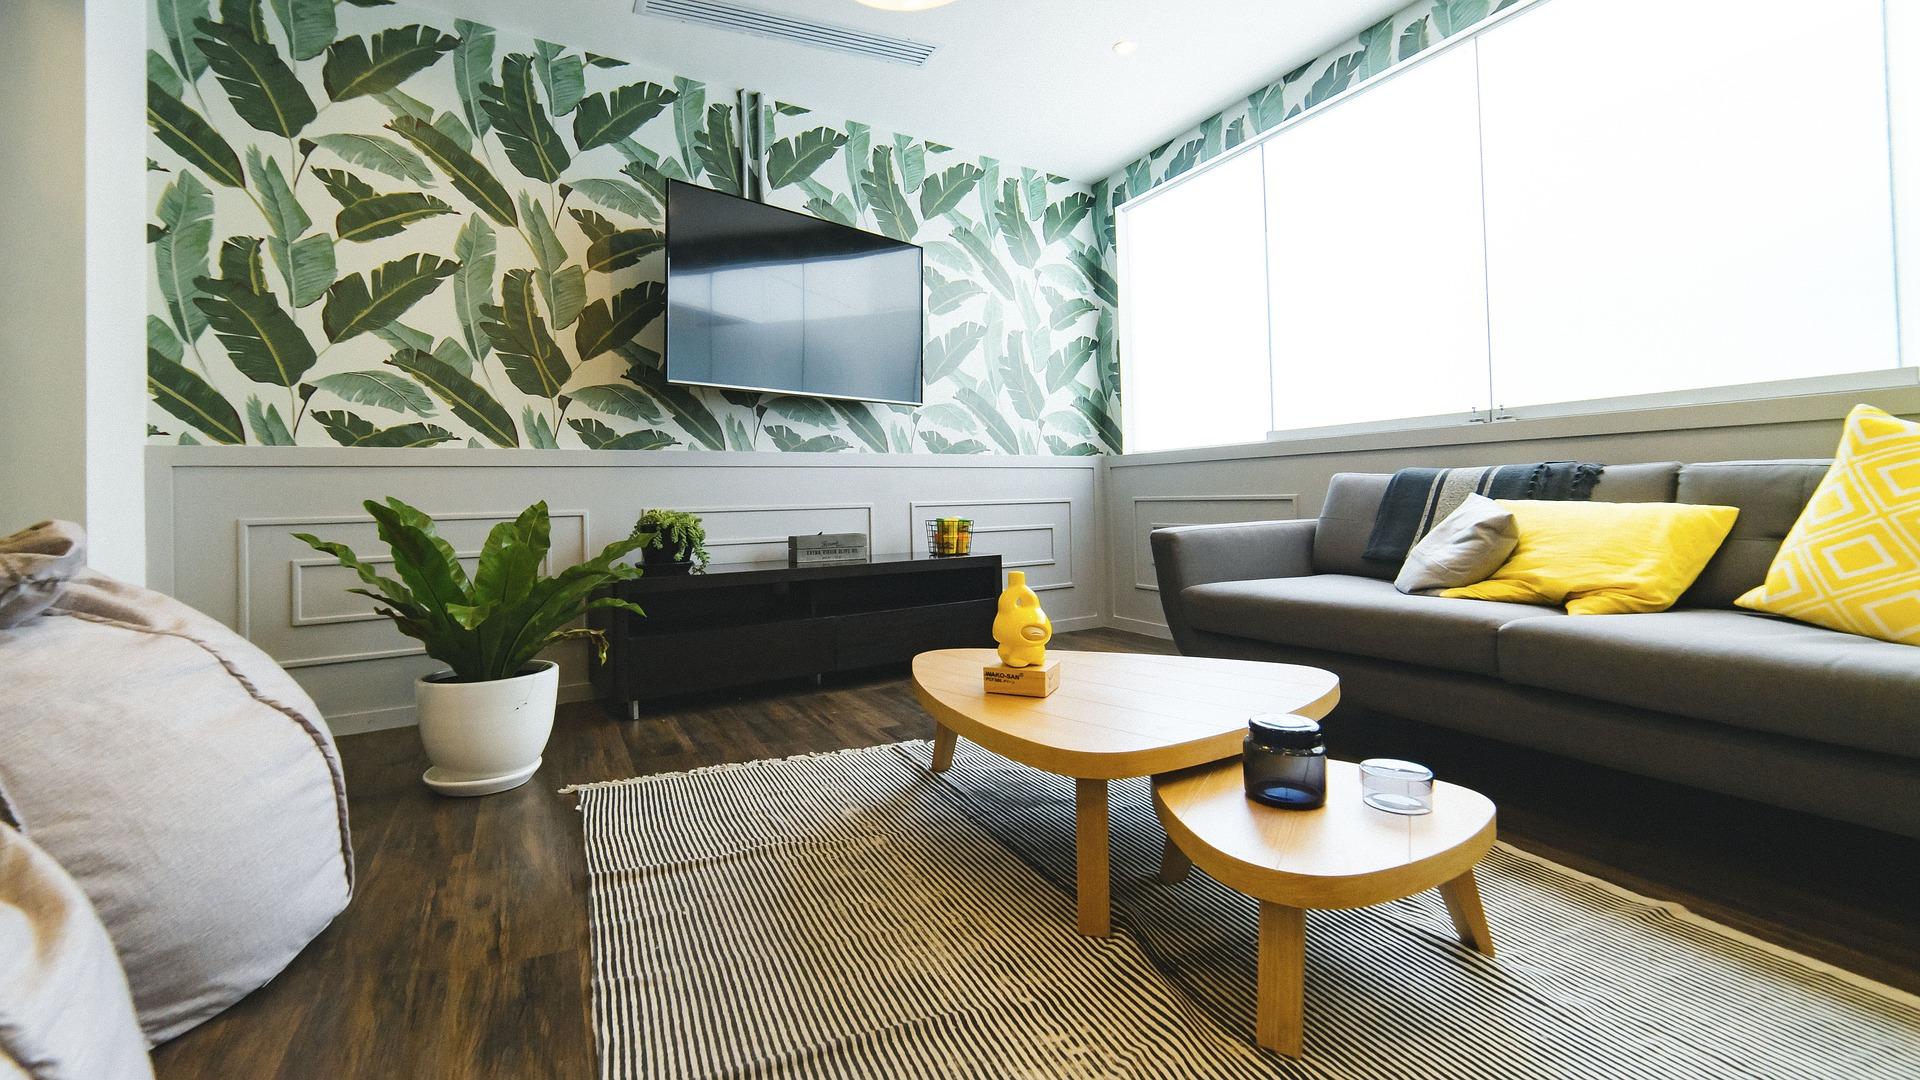 Drobne dodatki, które zmienią Twój dom – jak tanio odmienić swoje pomieszczenia?